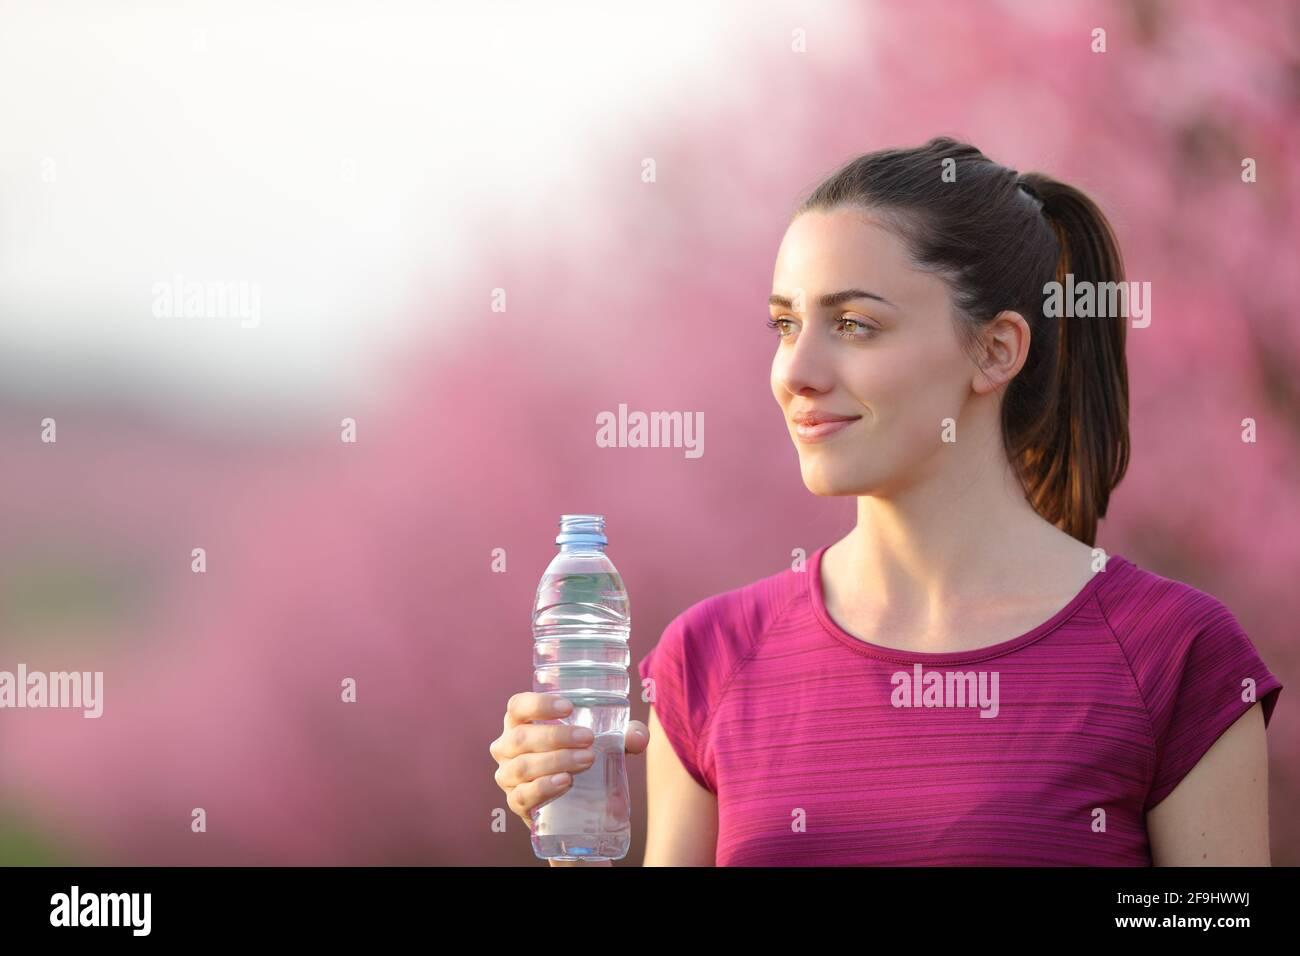 Un coureur satisfait s'éloigne de la bouteille d'eau après l'exercice un champ rose Banque D'Images